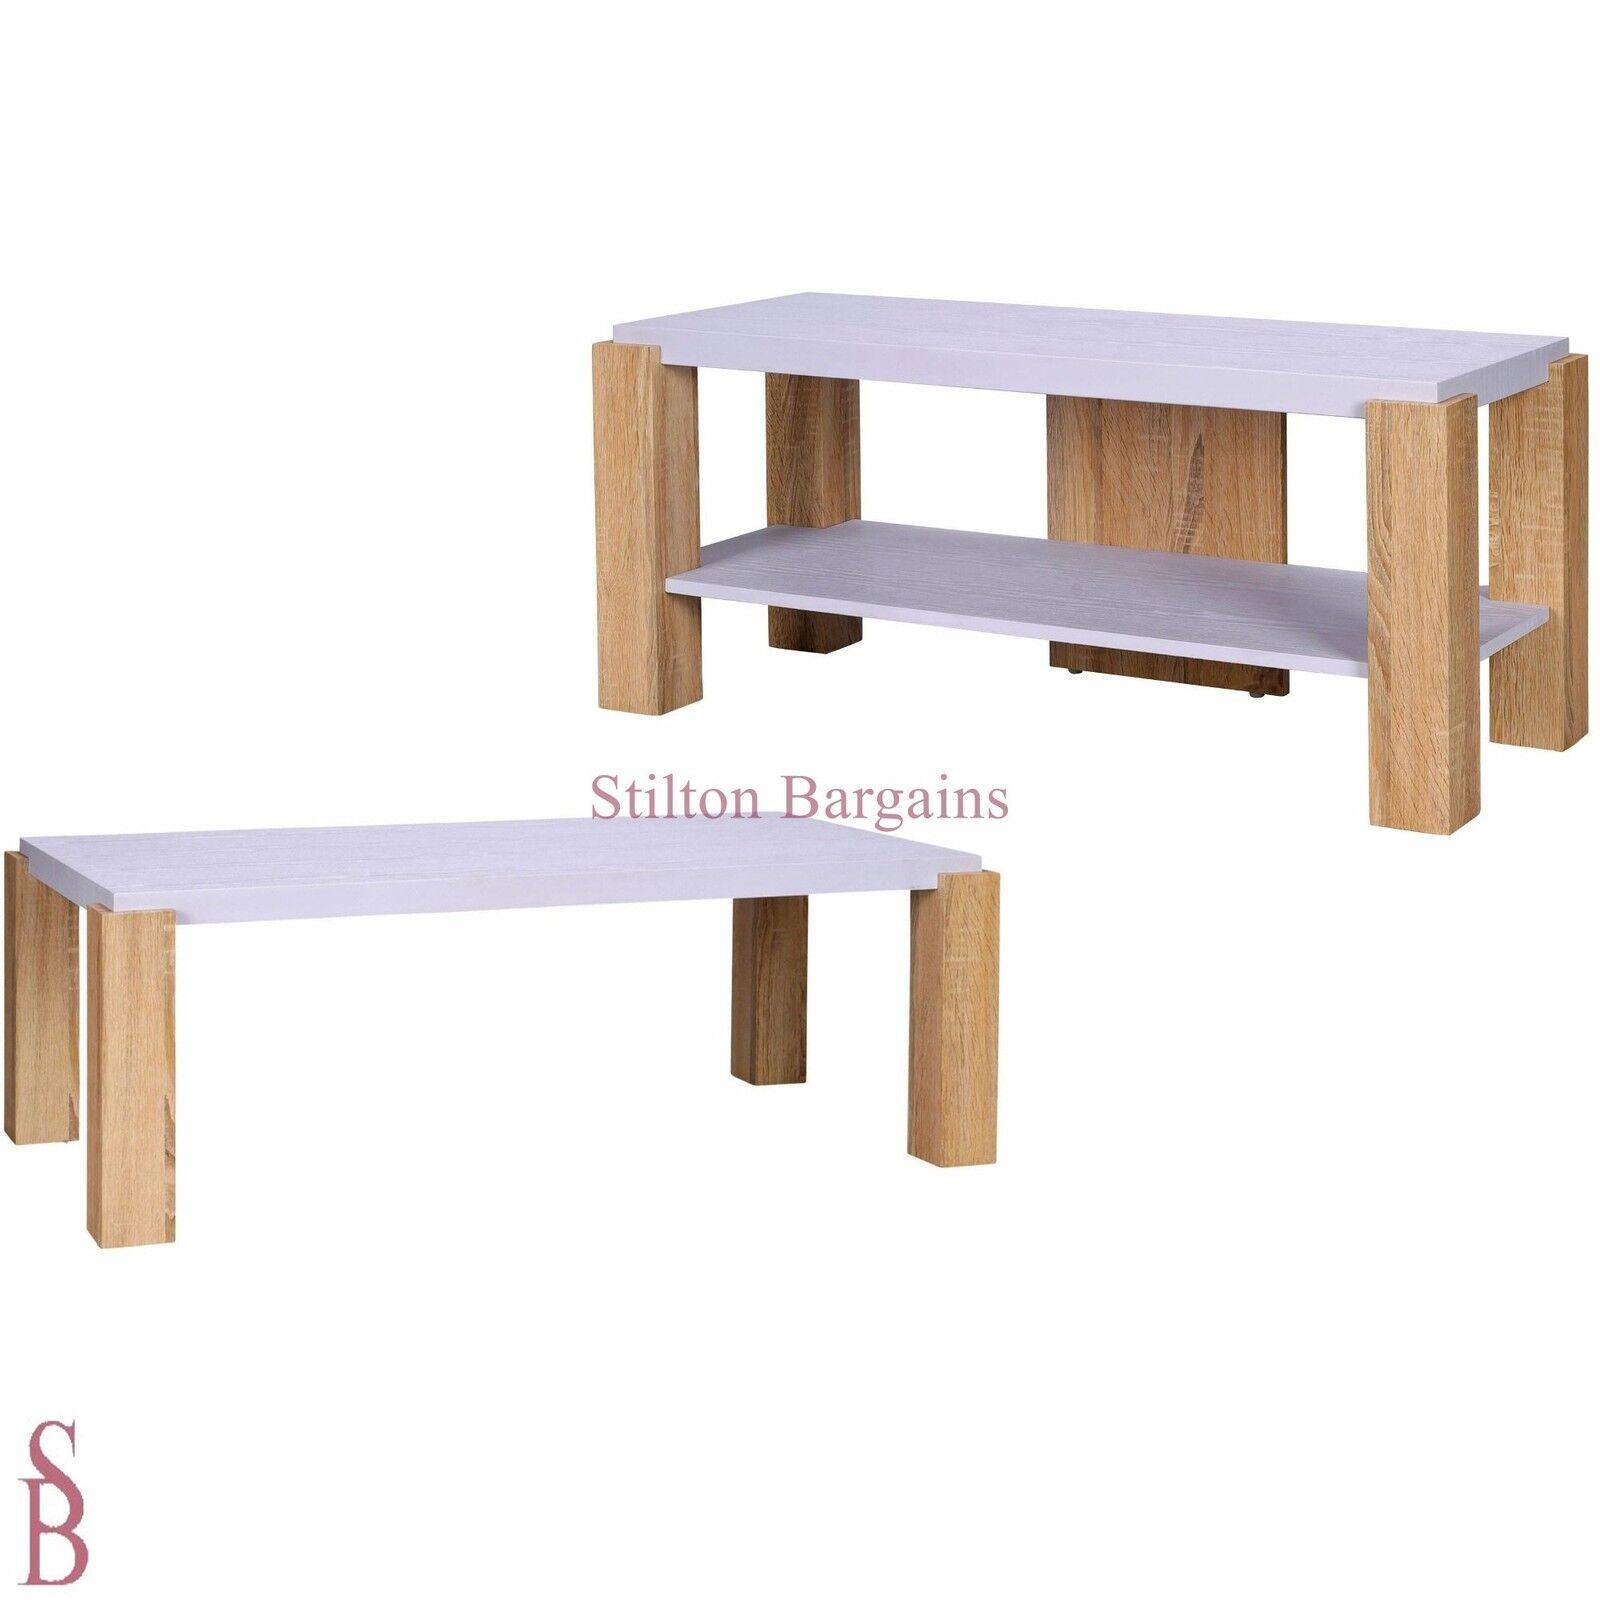 Attirant Two Tone Furniture   Weiß And Oak Effect   BNIB BNIB BNIB   TV Stand, End  Table Af6fa1